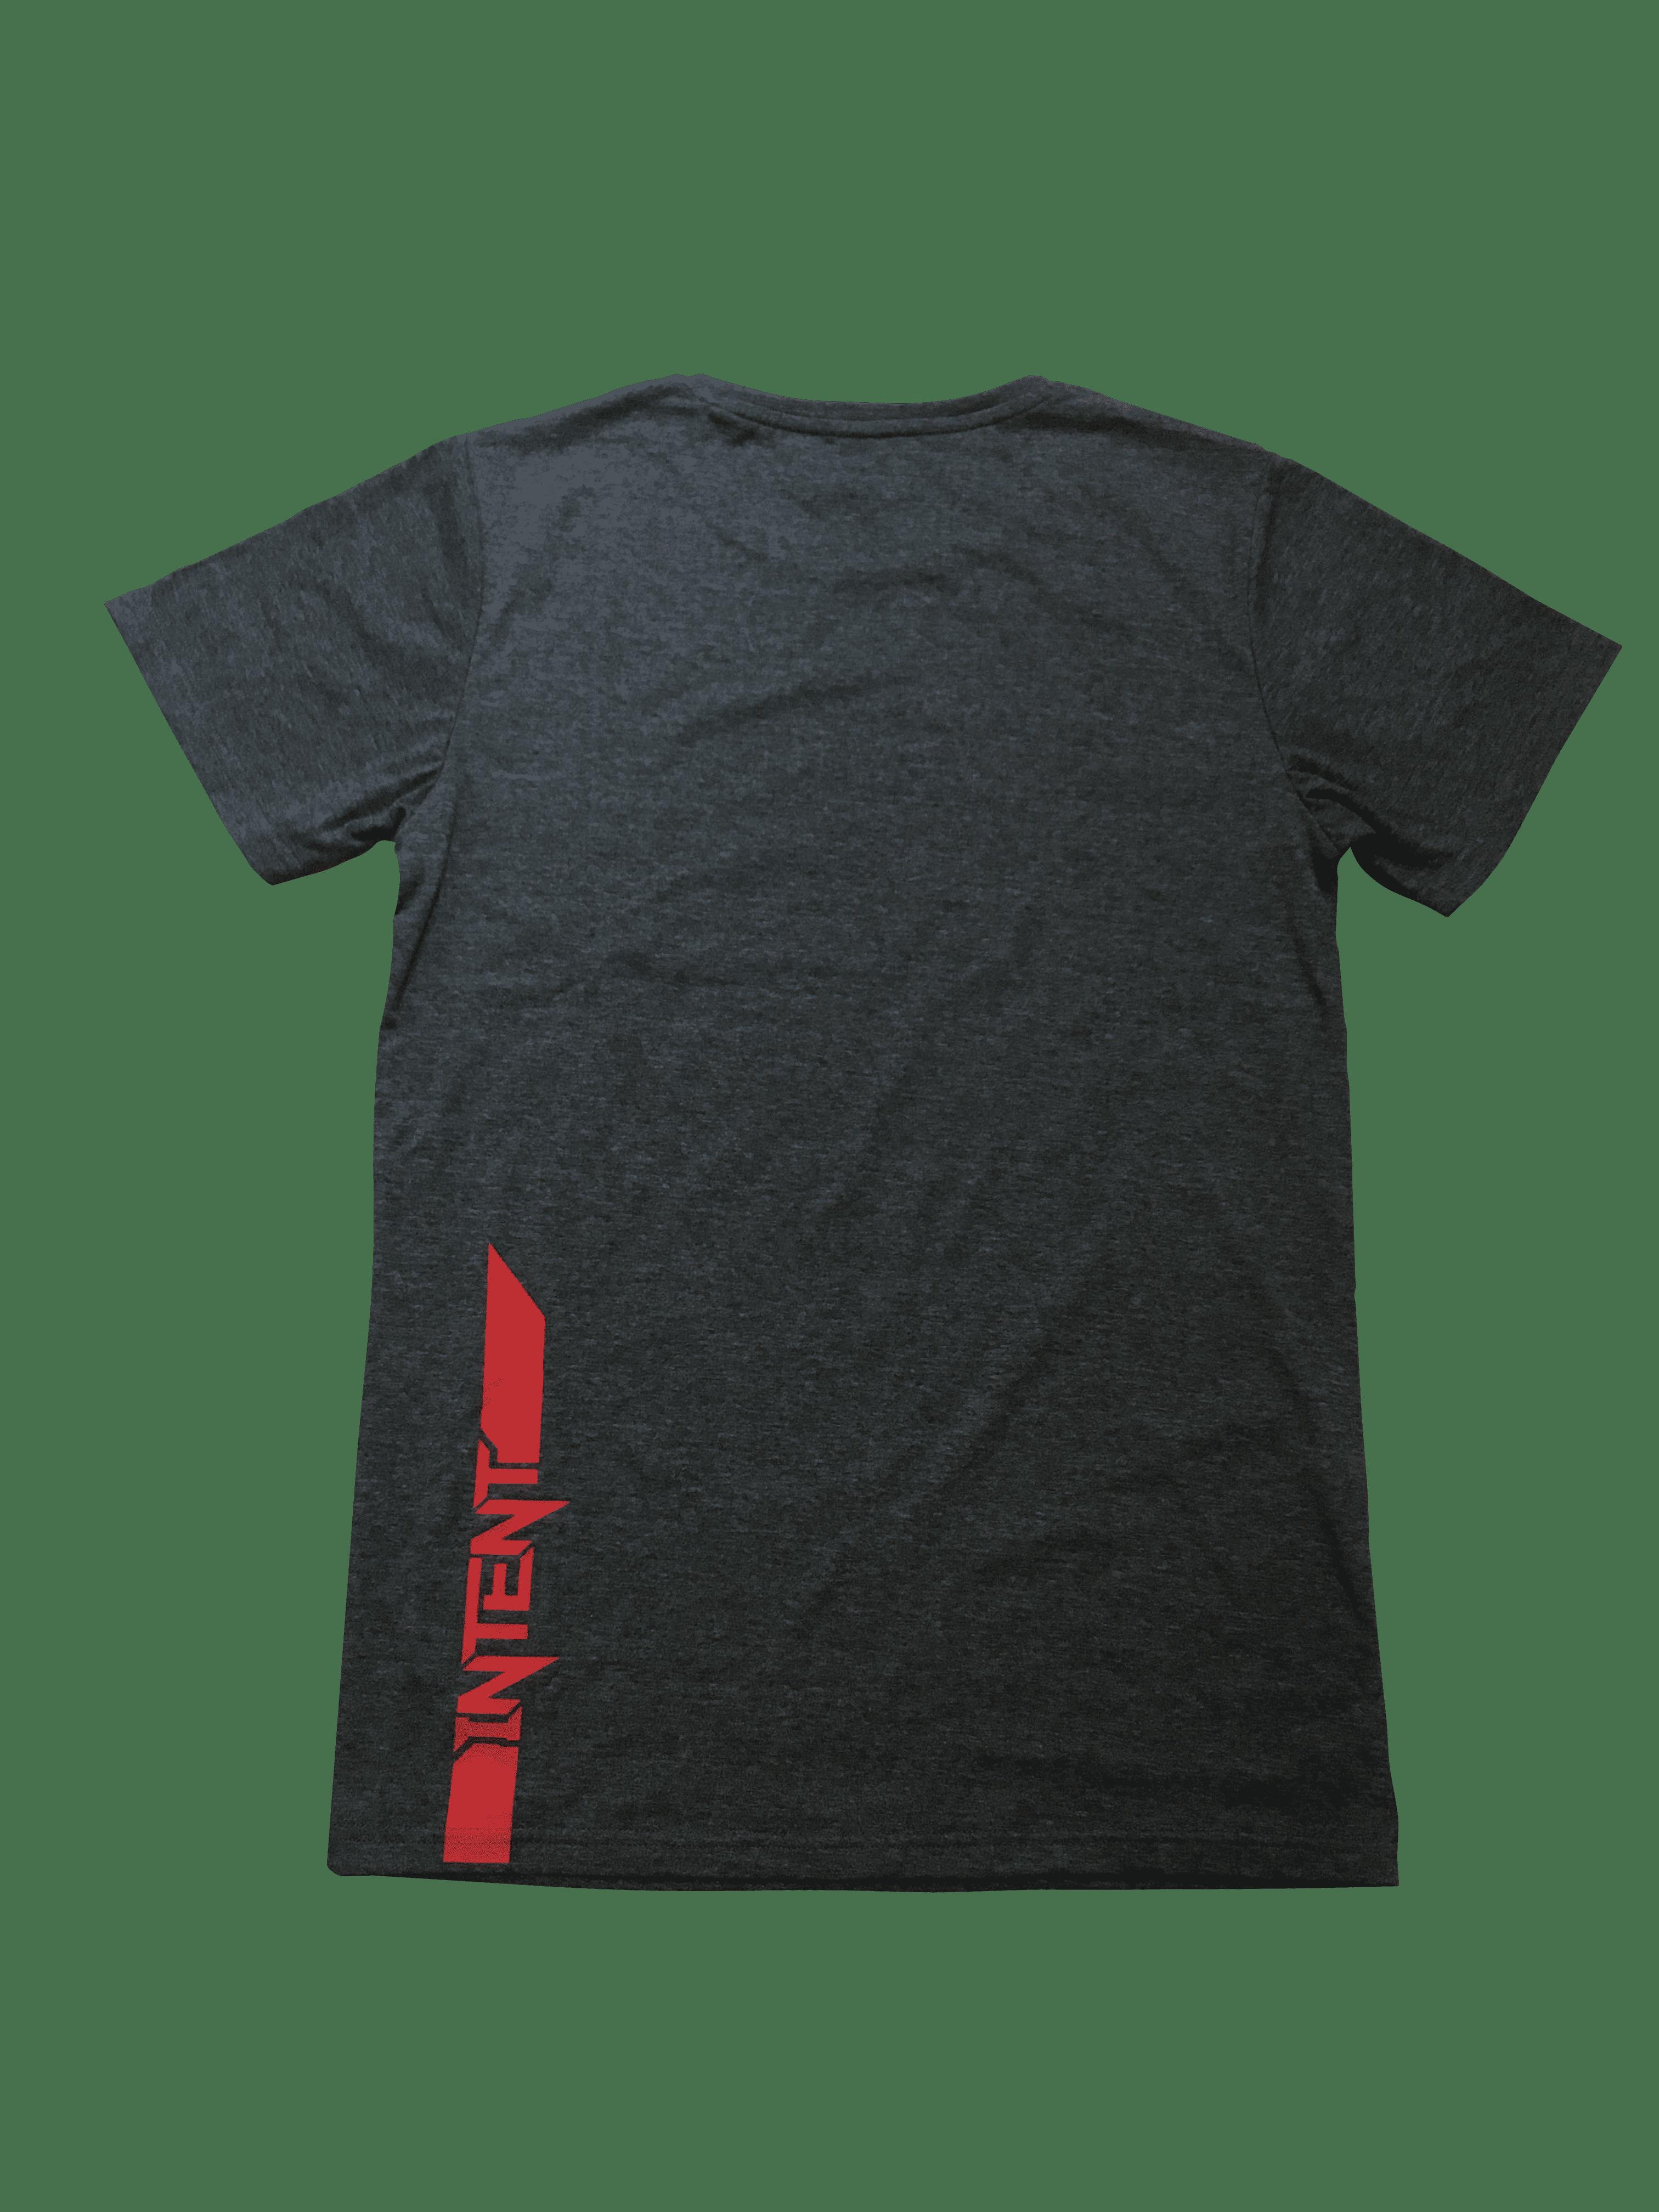 framed – t shirt back